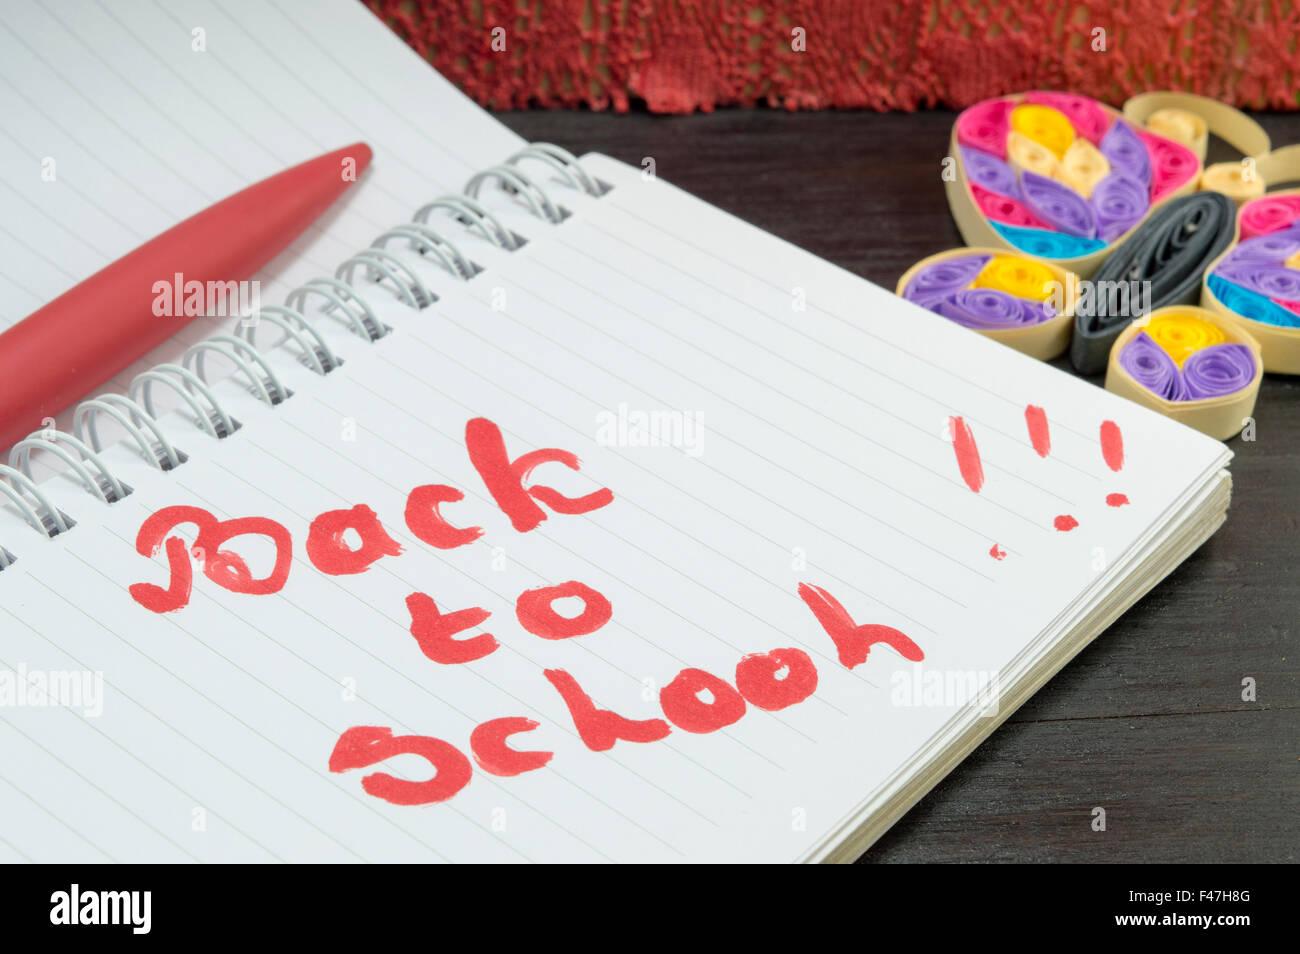 Back To School Escrito En Un Cuaderno Decorado Con Mariposas